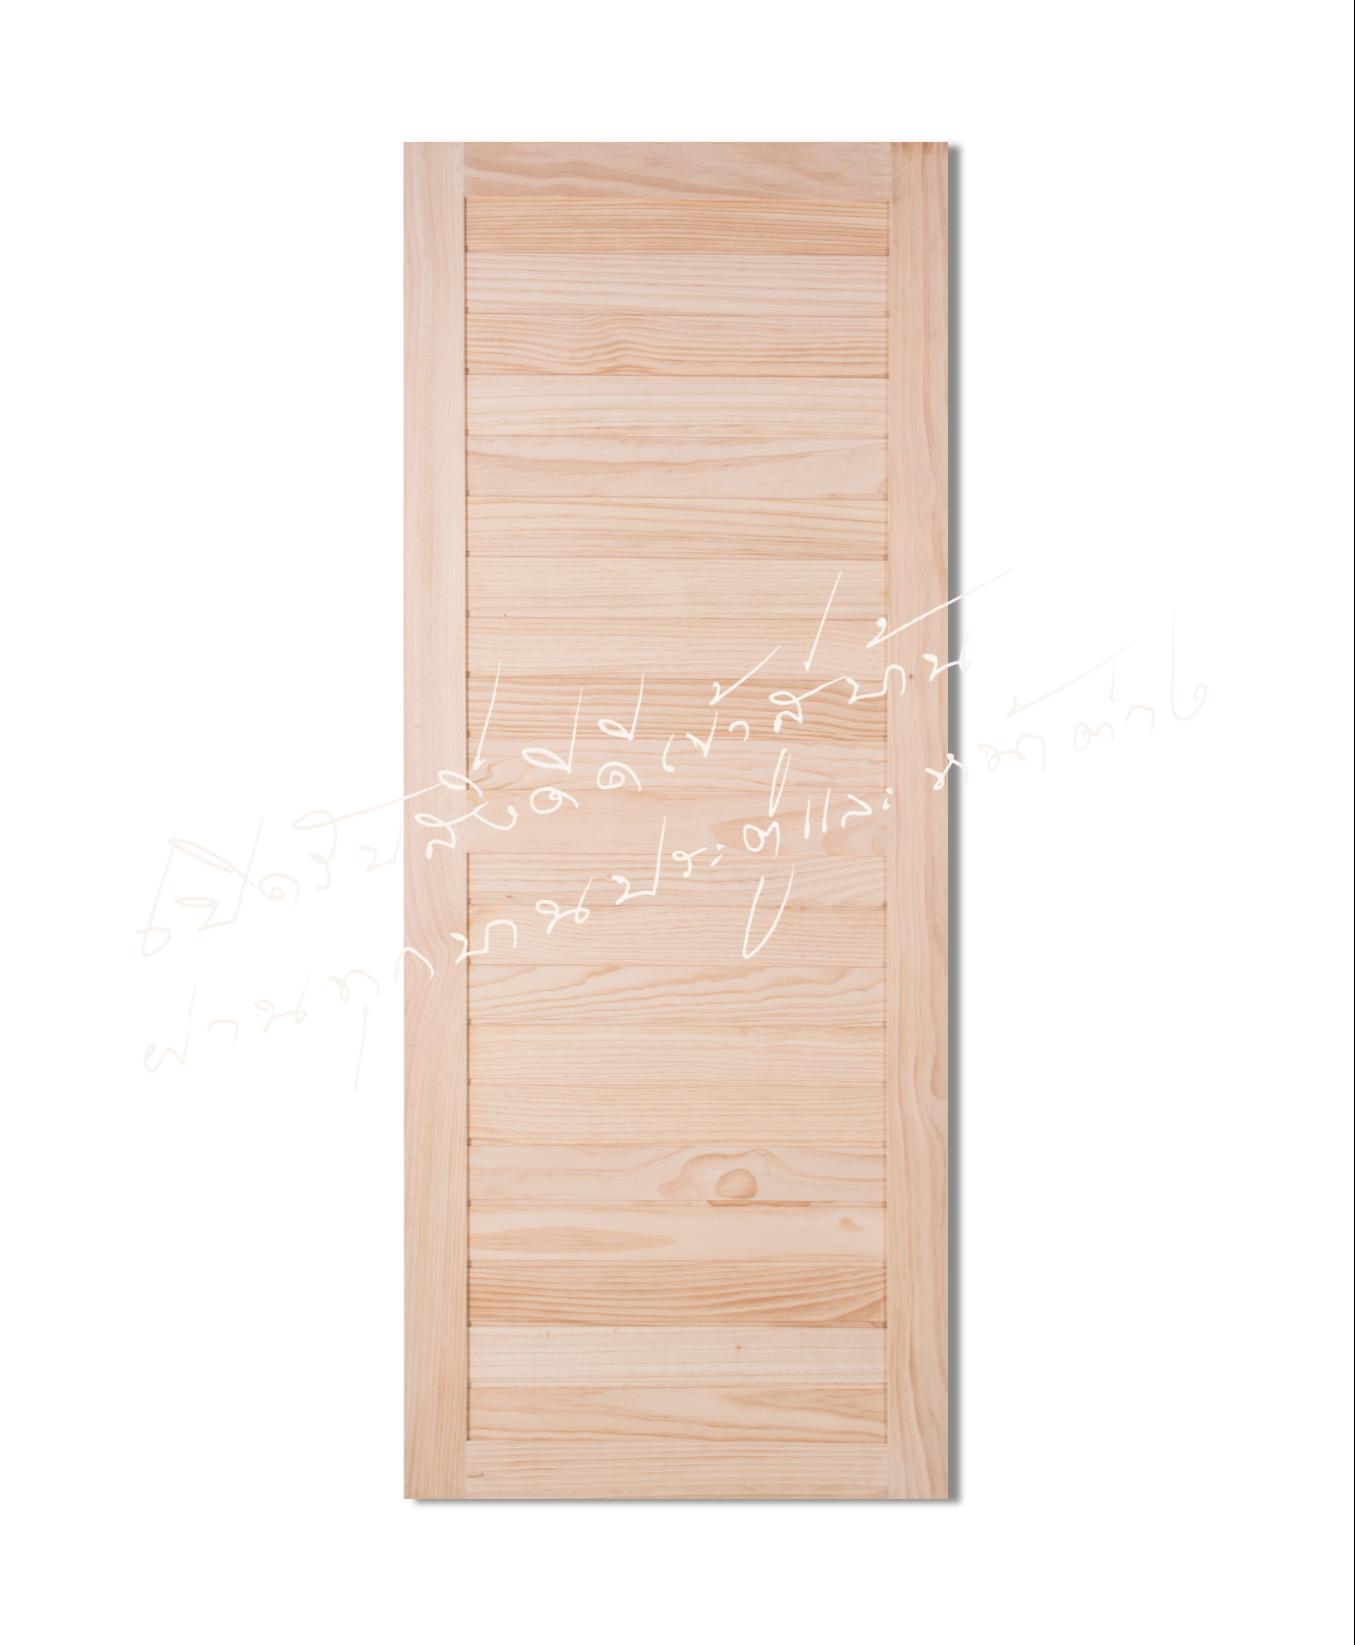 SP.24 ประตูไม้จริง ไม้สนนิวซีแลนด์